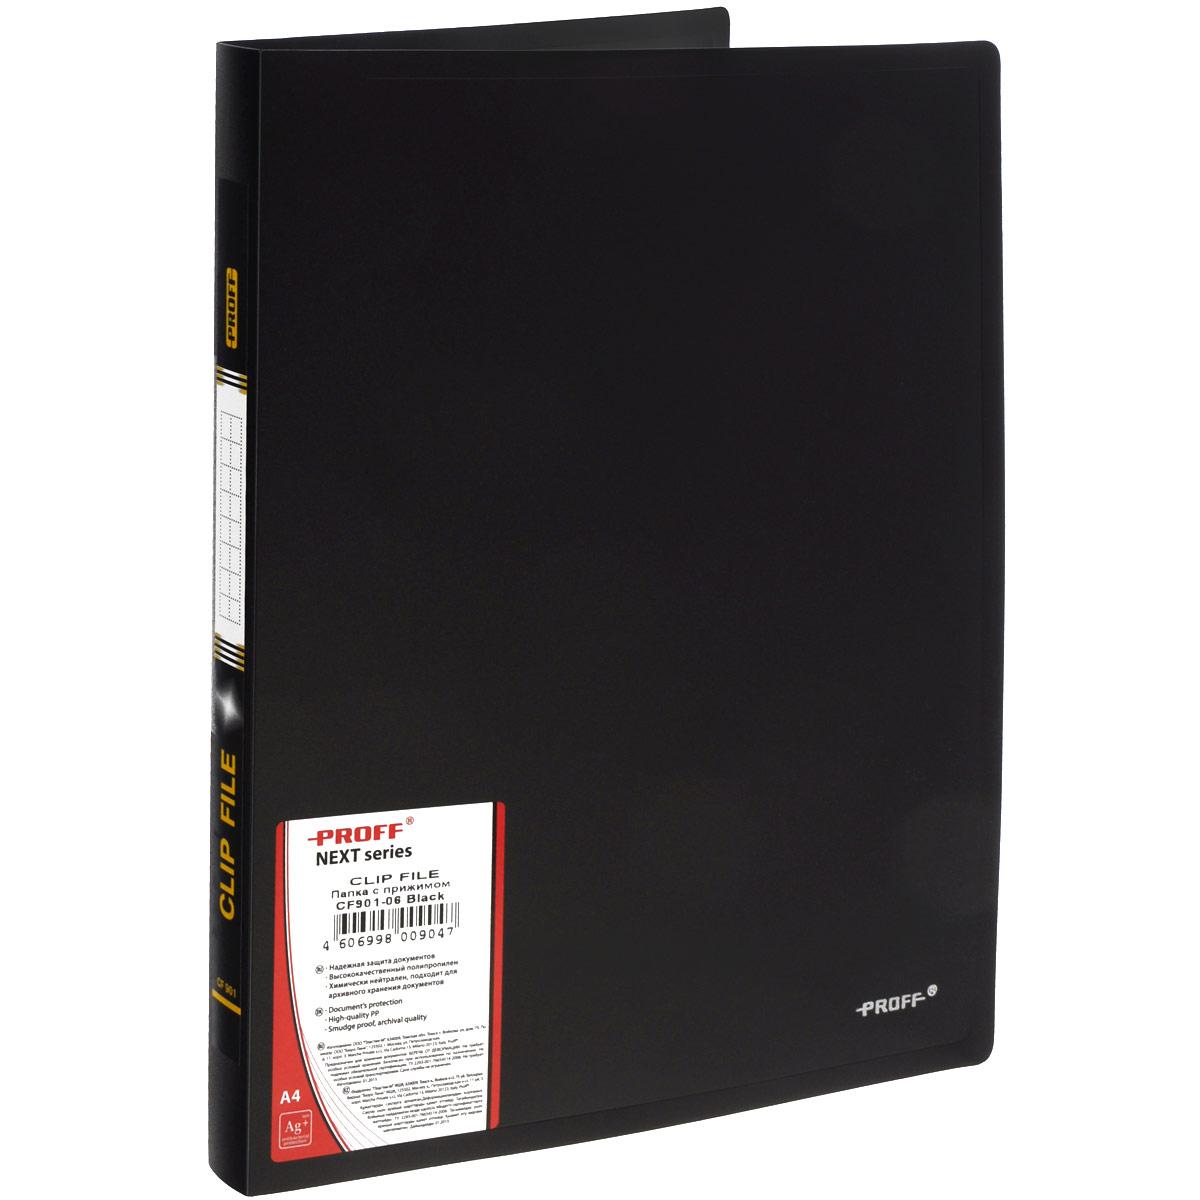 Папка с боковым зажимом Proff Next, цвет: черный. Формат А4. CF901-06CF901-06Папка с боковым зажимом Proff Next - это удобный и практичный офисный инструмент, предназначенный для хранения и транспортировки рабочих бумаг и документов формата А4. Папка изготовлена из высококачественного плотного полипропилена и оснащена металлическим зажимом, который не повреждает бумагу. Папка с боковым зажимом - это незаменимый атрибут для студента, школьника, офисного работника. Такая папка надежно сохранит ваши документы и сбережет их от повреждений, пыли и влаги.